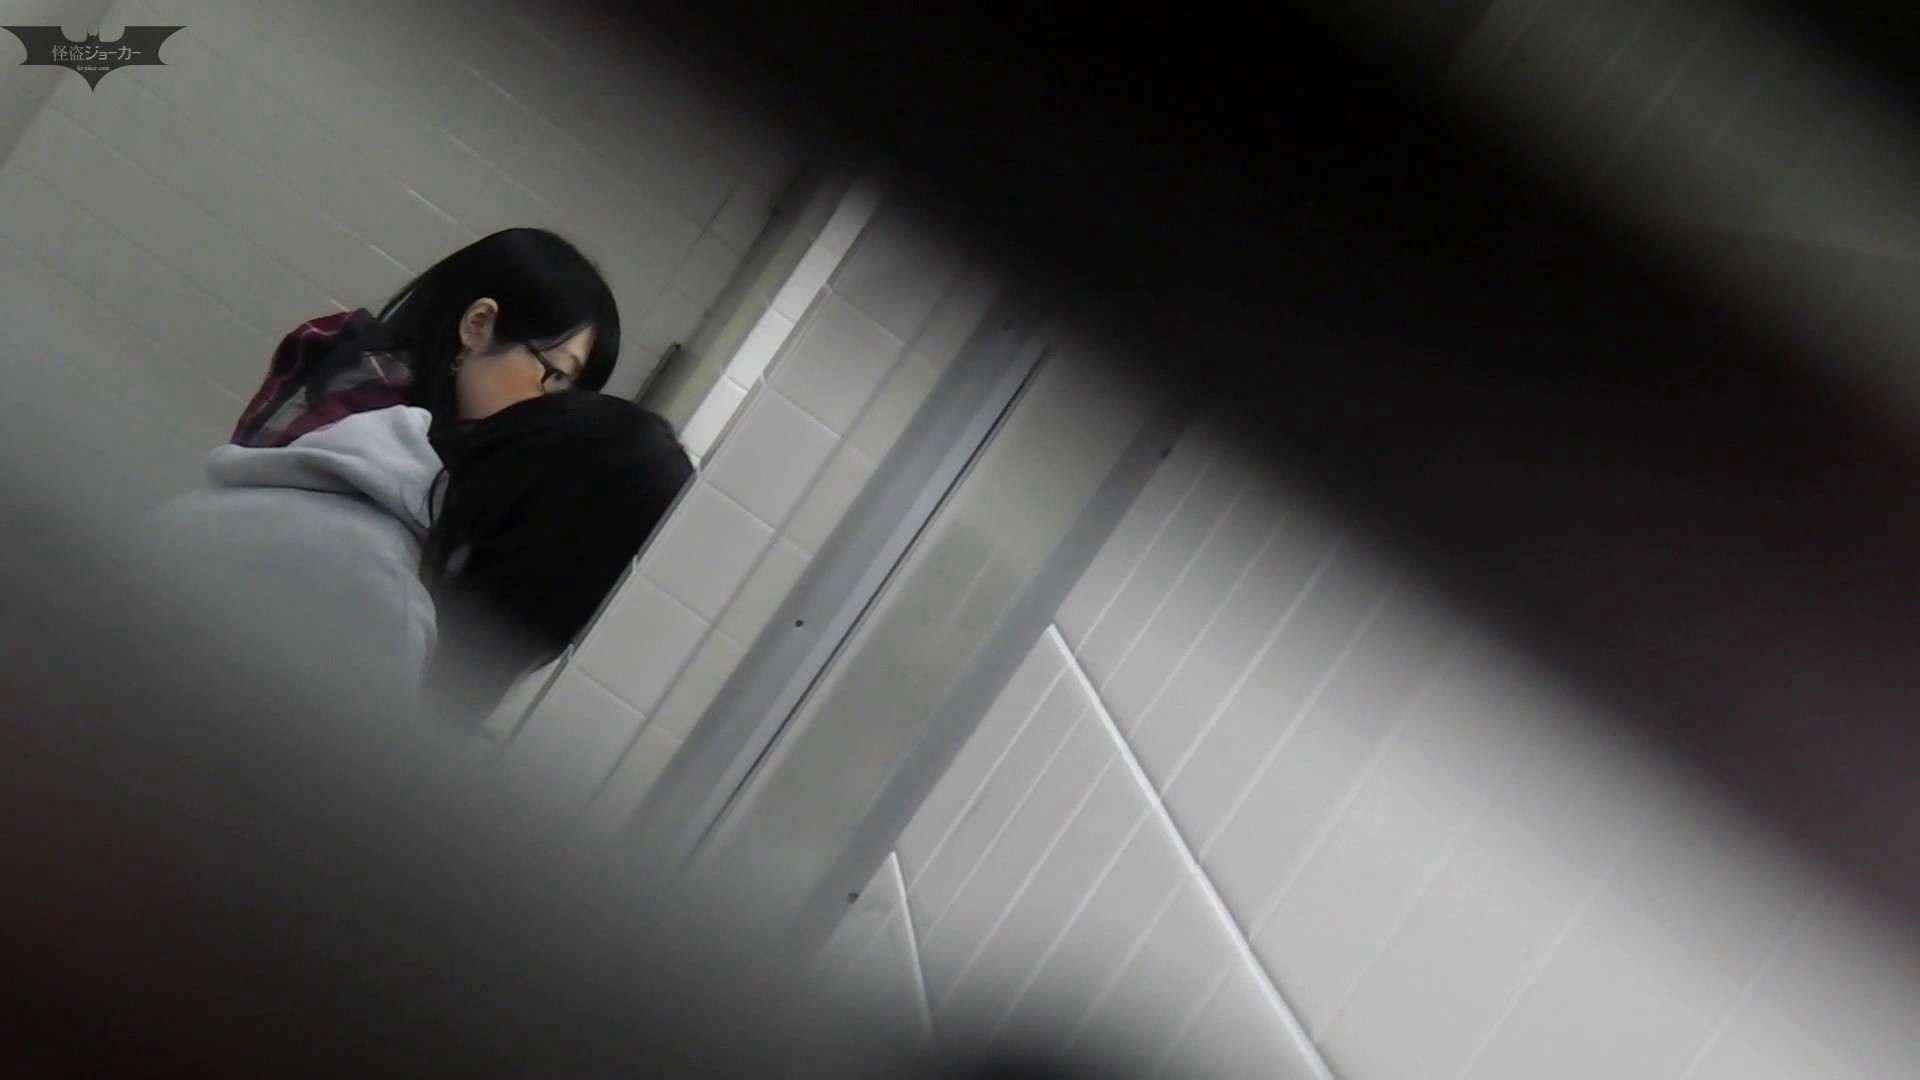 お銀さん vol.59 ピンチ!!「鏡の前で祈る女性」にばれる危機 お姉さん  98PIX 77